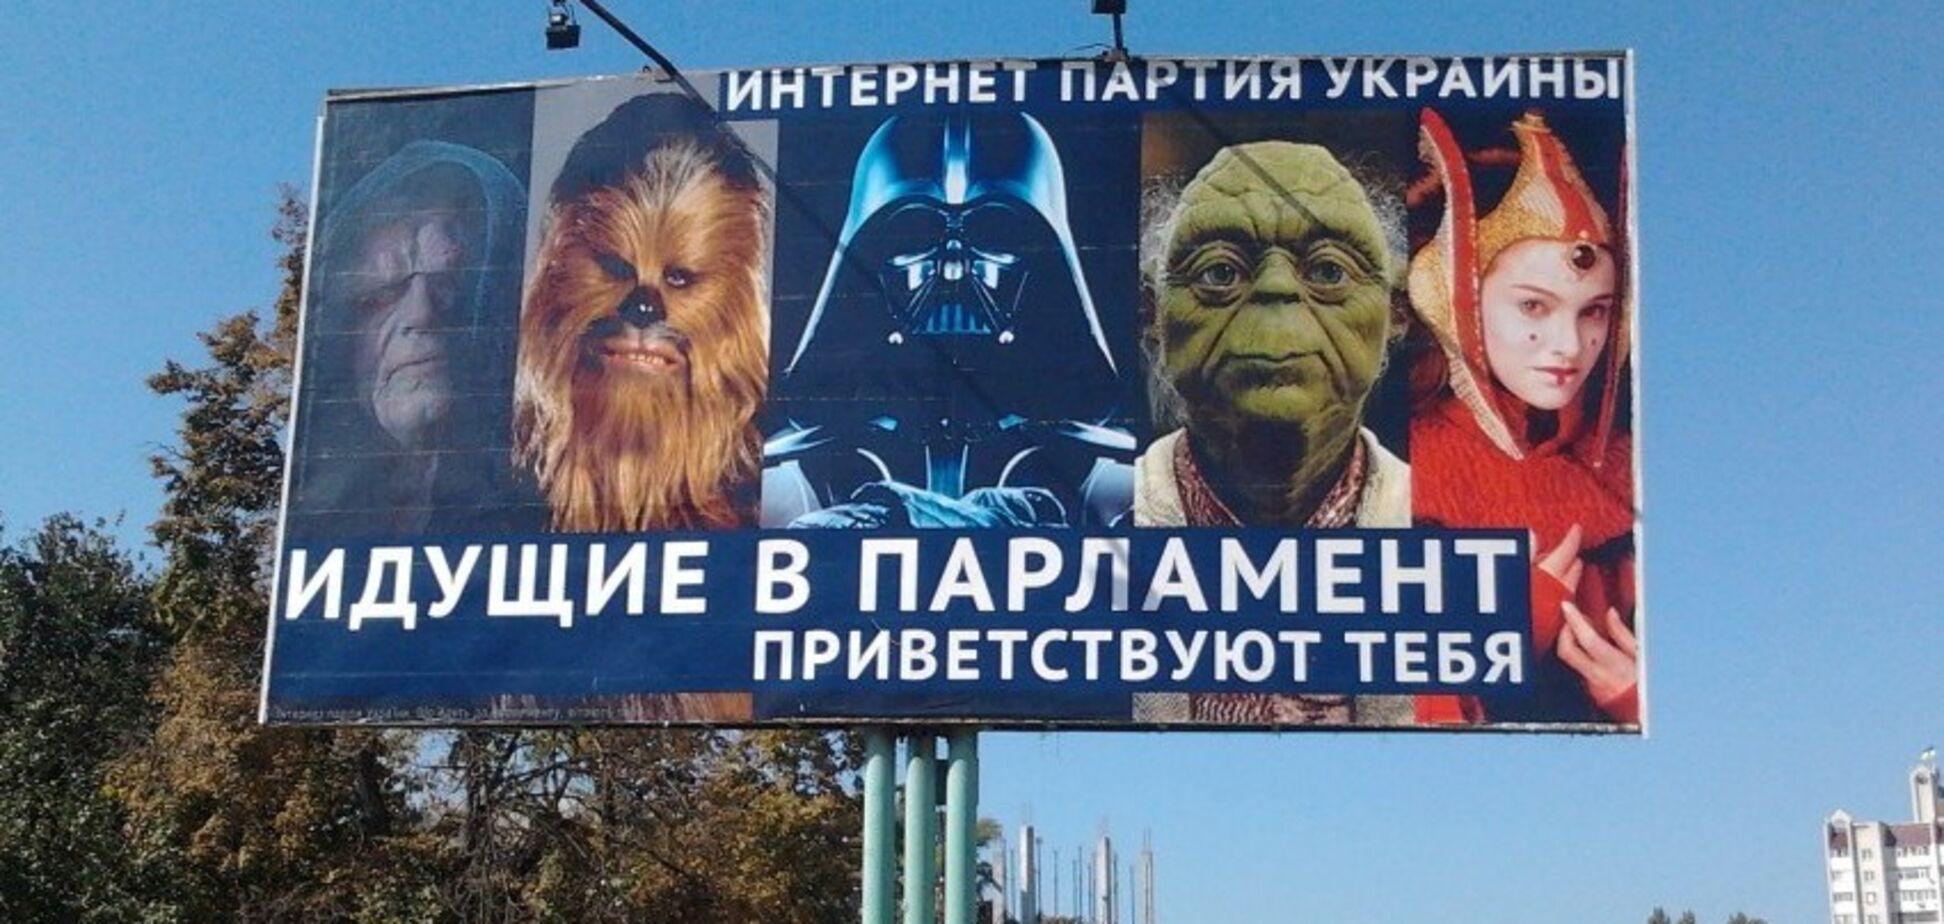 Табу на політичну рекламу: правильно це чи ні?